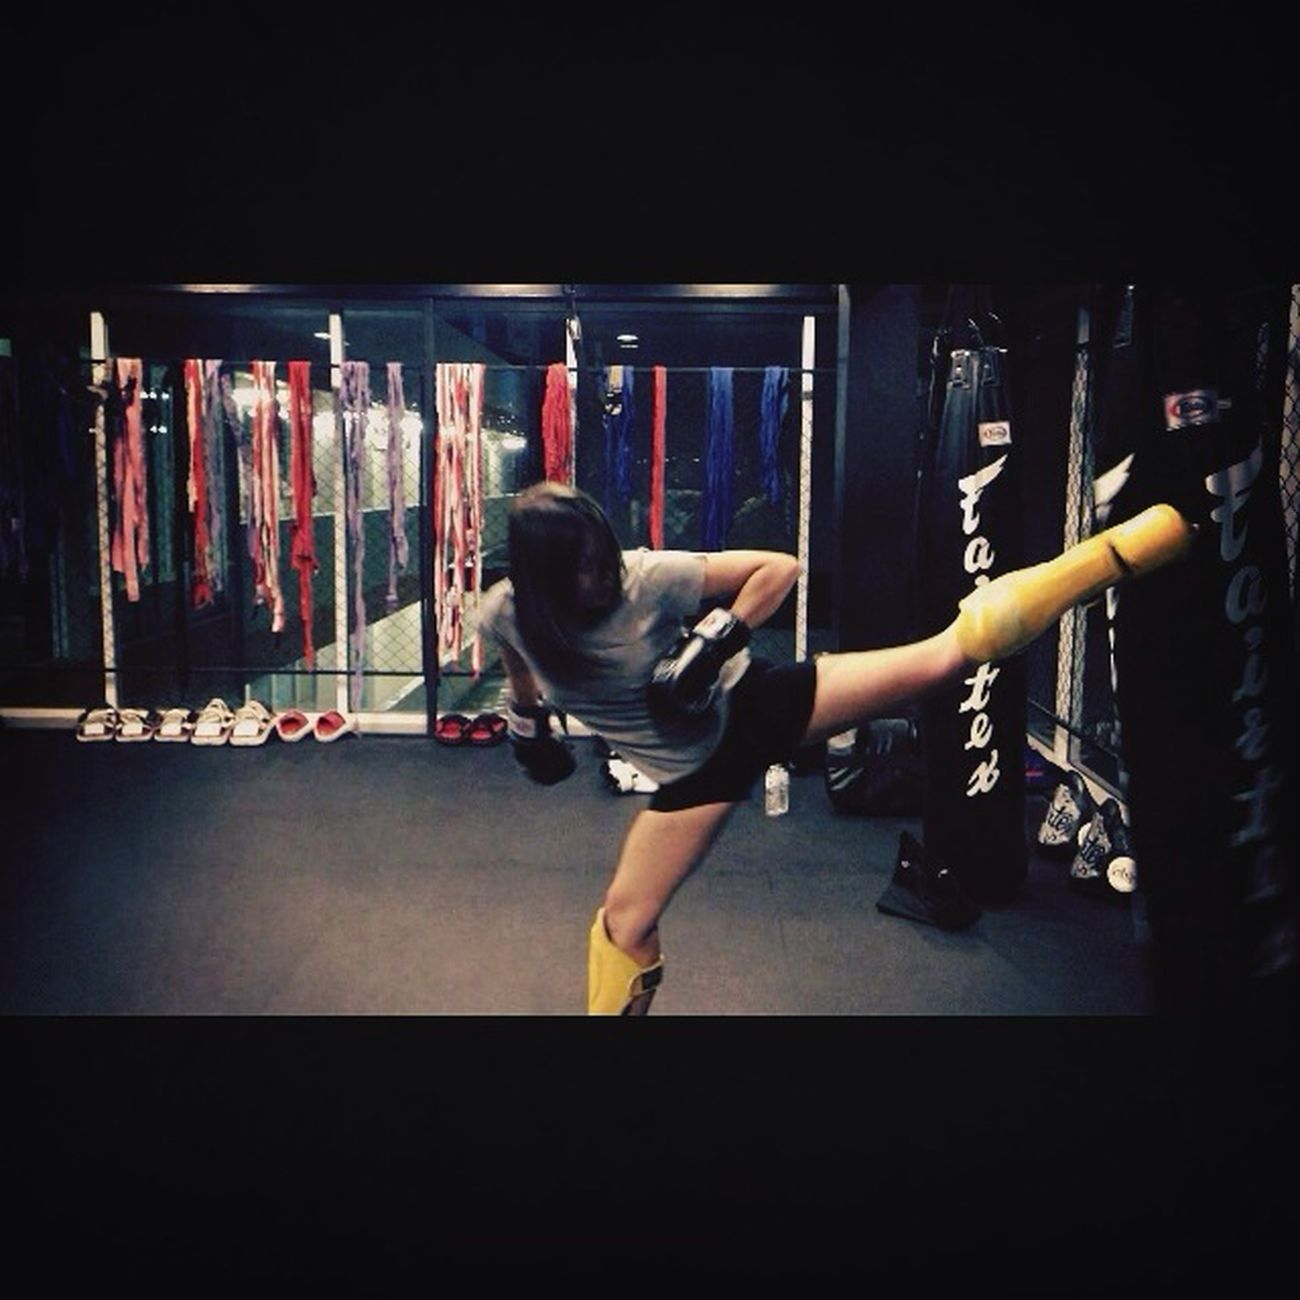 Gym MuayThai Boxingday